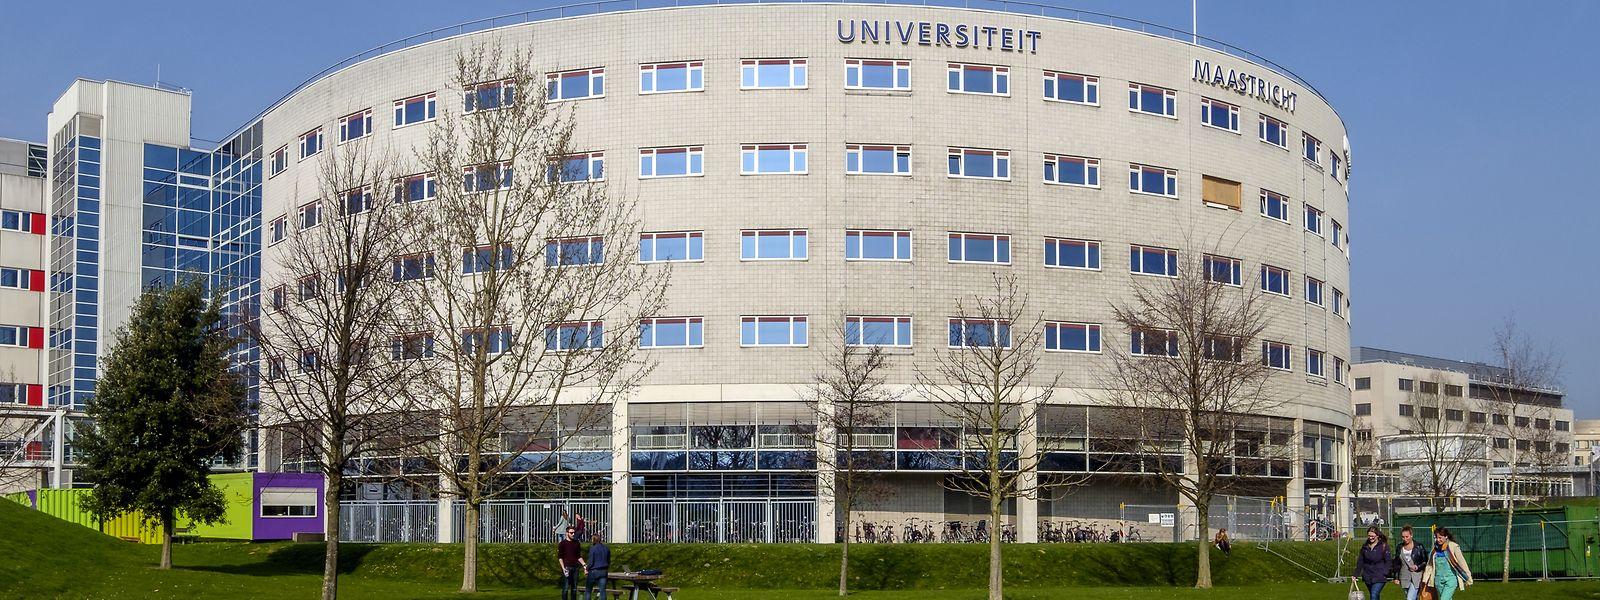 Kein Sprachproblem: Auch die Universität in Maastricht bietet nahezu alle Studiengänge in englischer Sprache an.